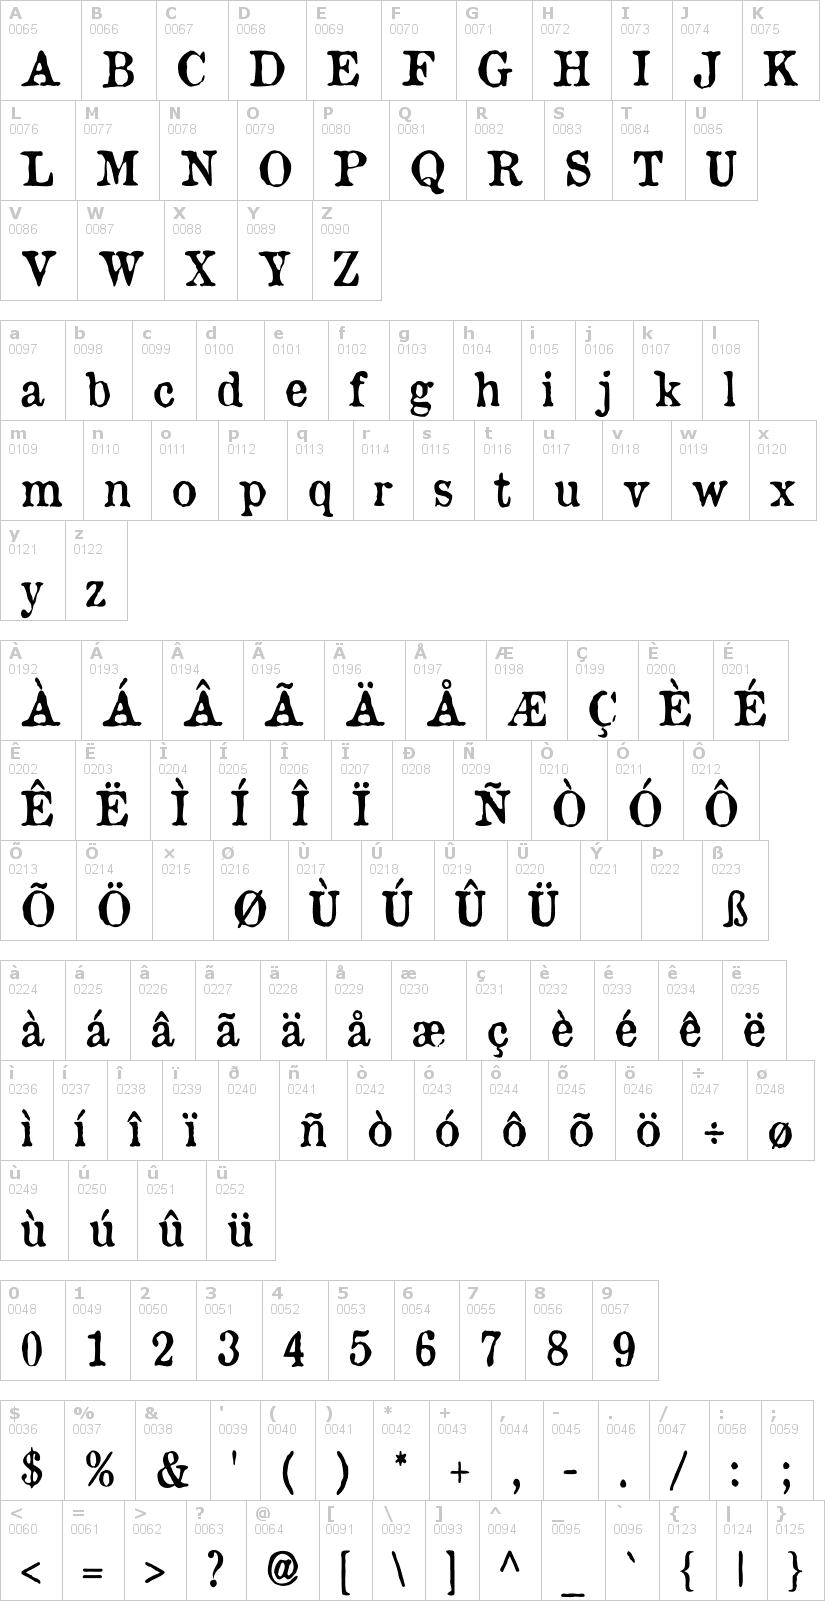 Lettere dell'alfabeto del font oldnewspapertypes con le quali è possibile realizzare adesivi prespaziati